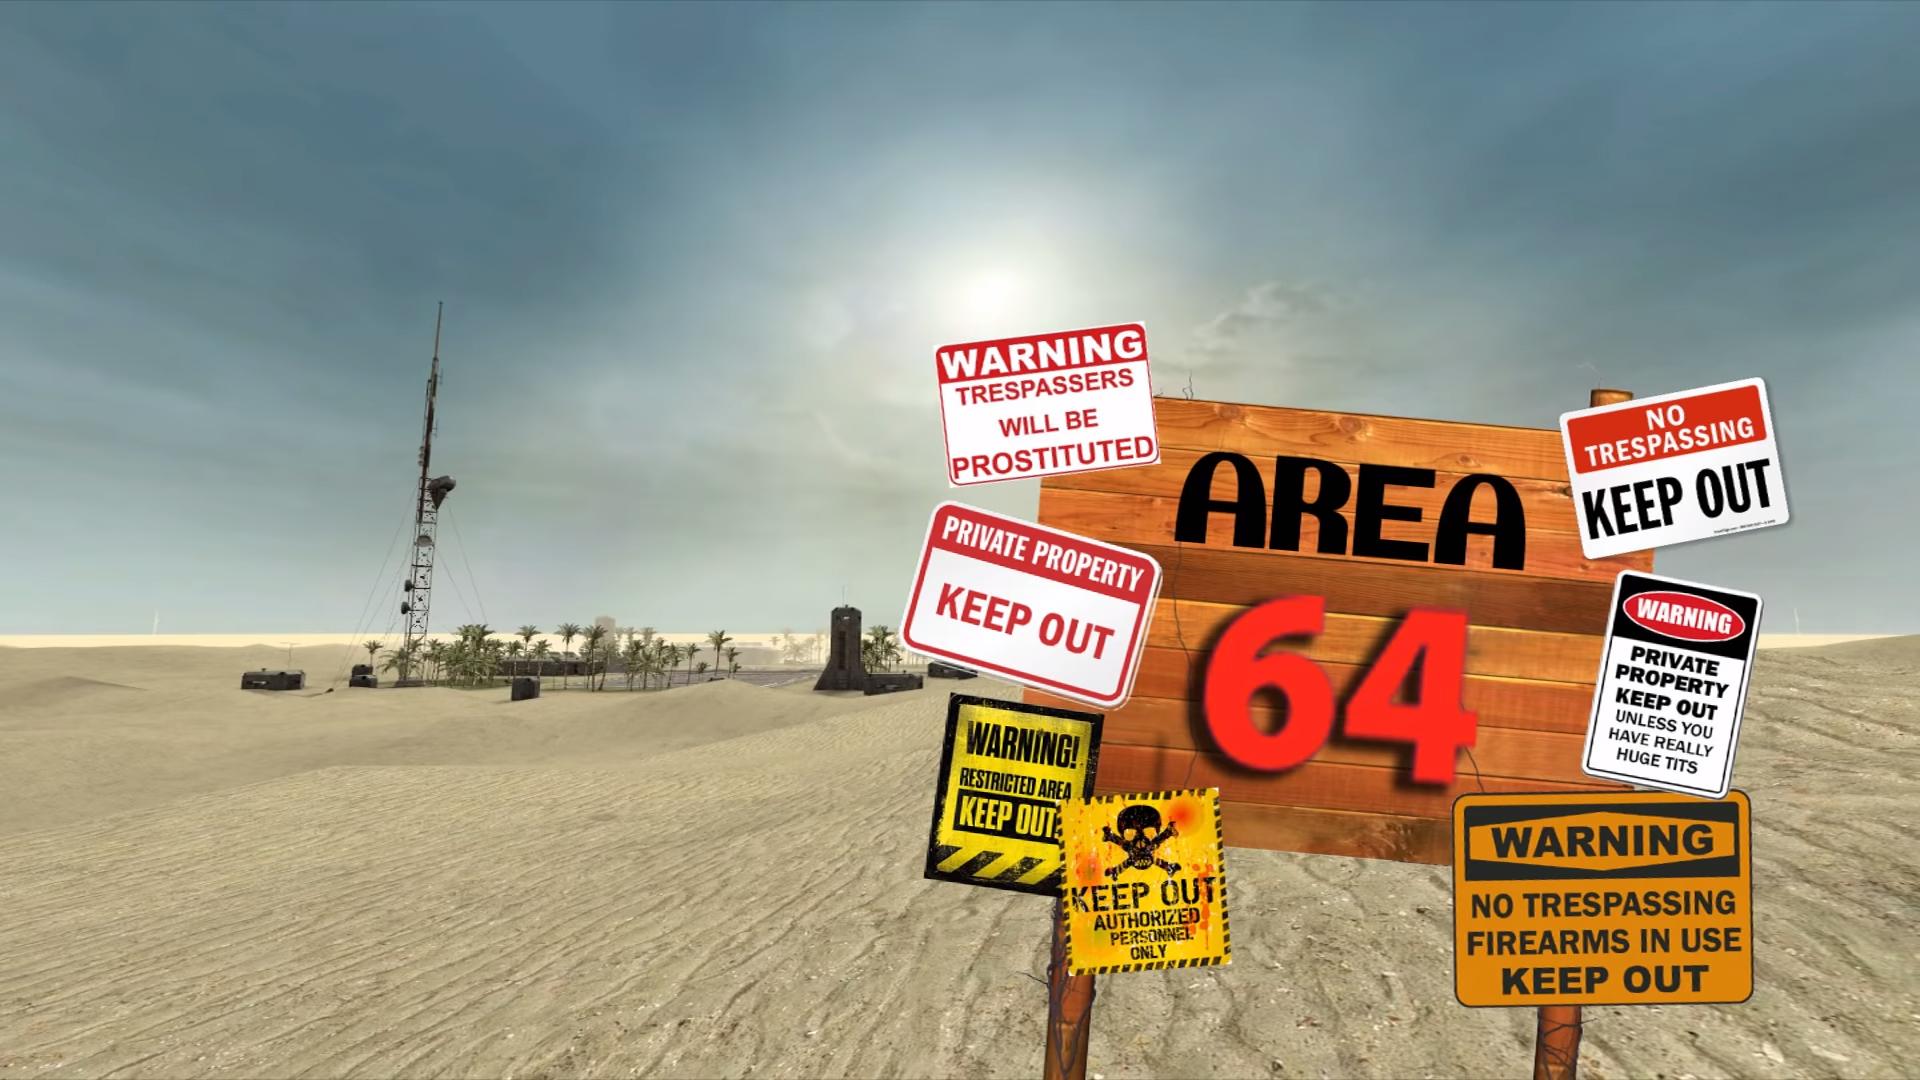 Area 64